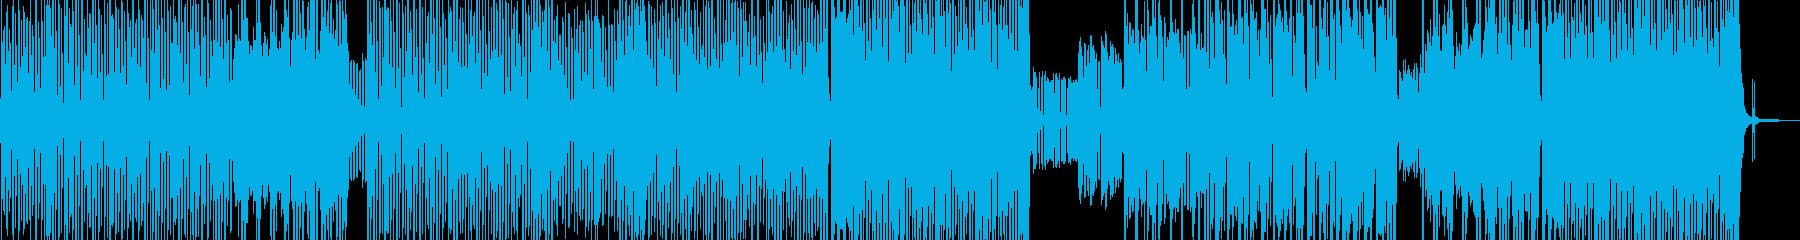 ○oお菓子の国・パステル調テクノo○の再生済みの波形